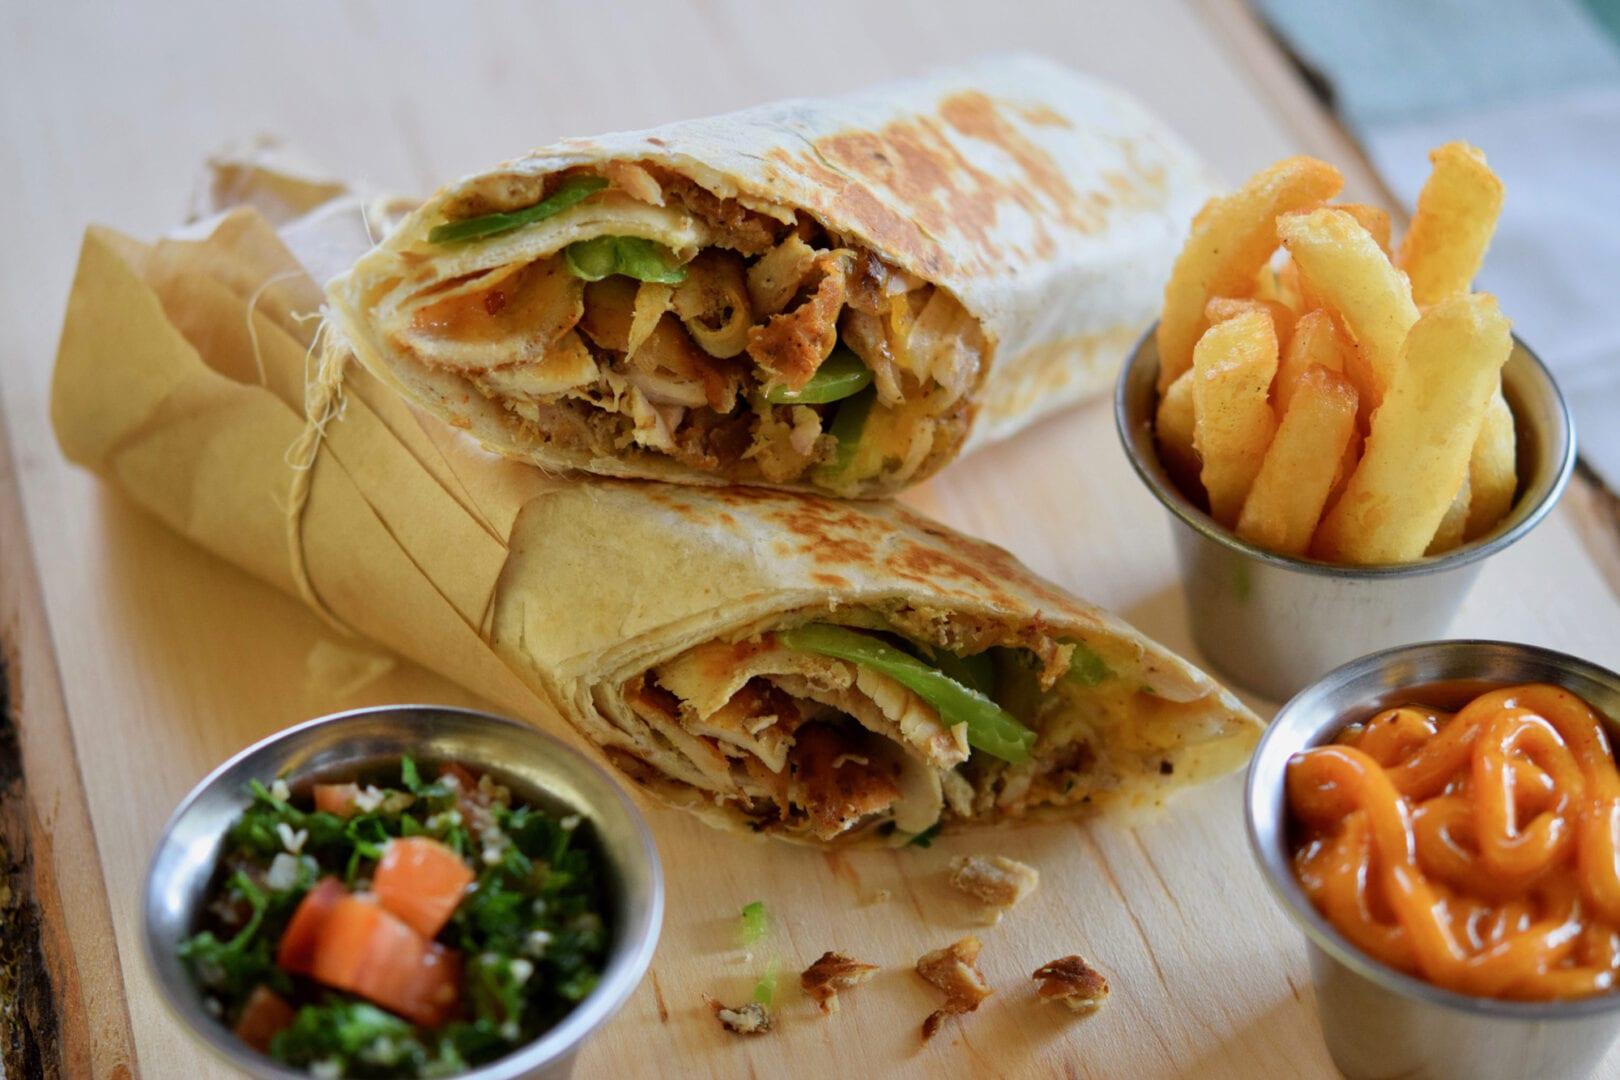 Shawarma Meal